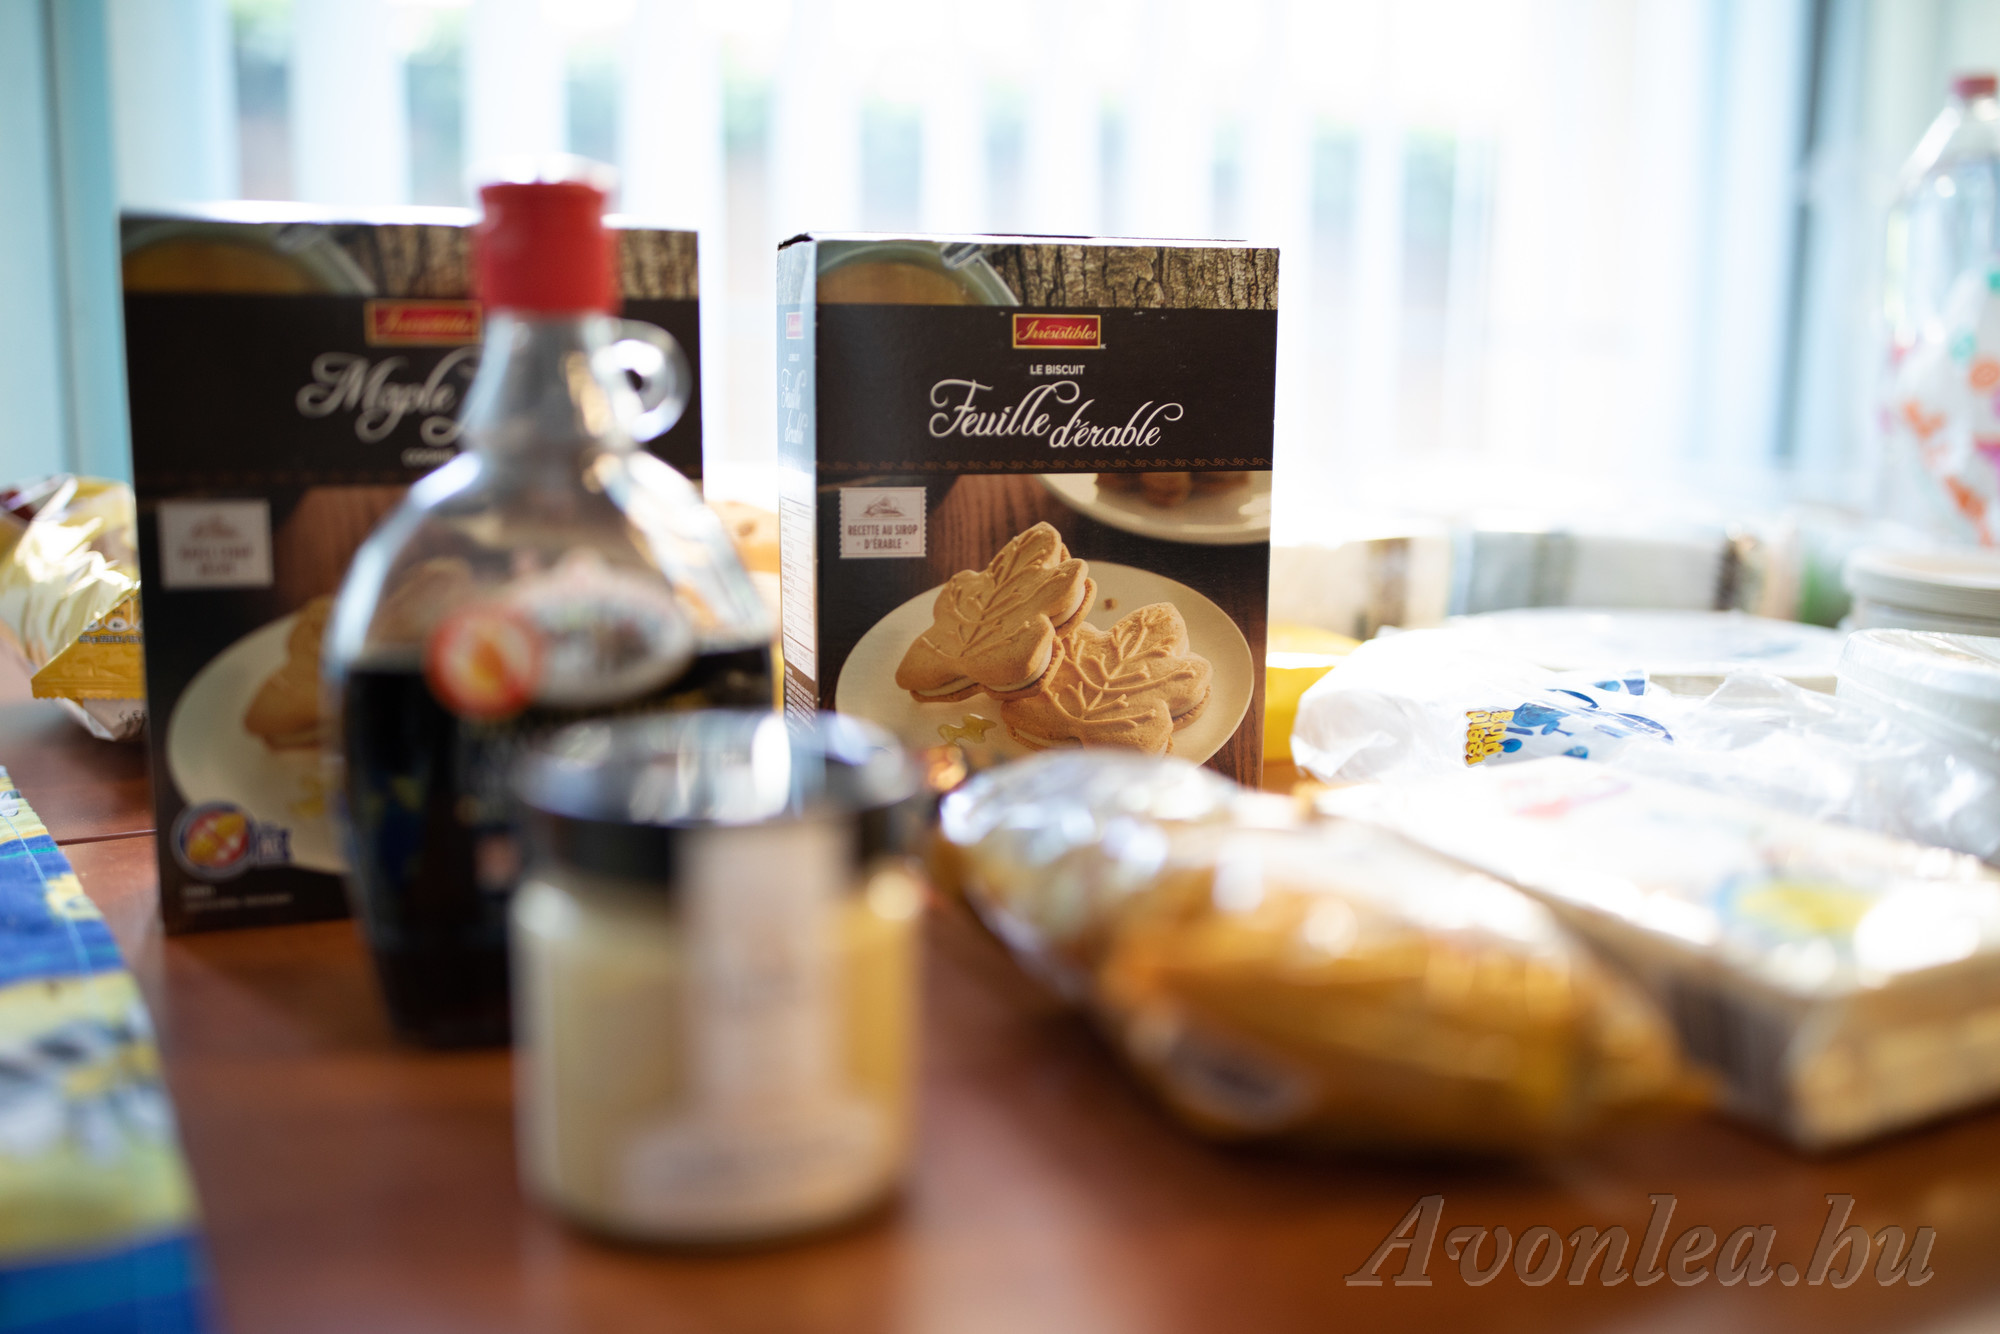 Juharszirup, illetve juharszirupos termékek: juharvaj, keksz és popcorn